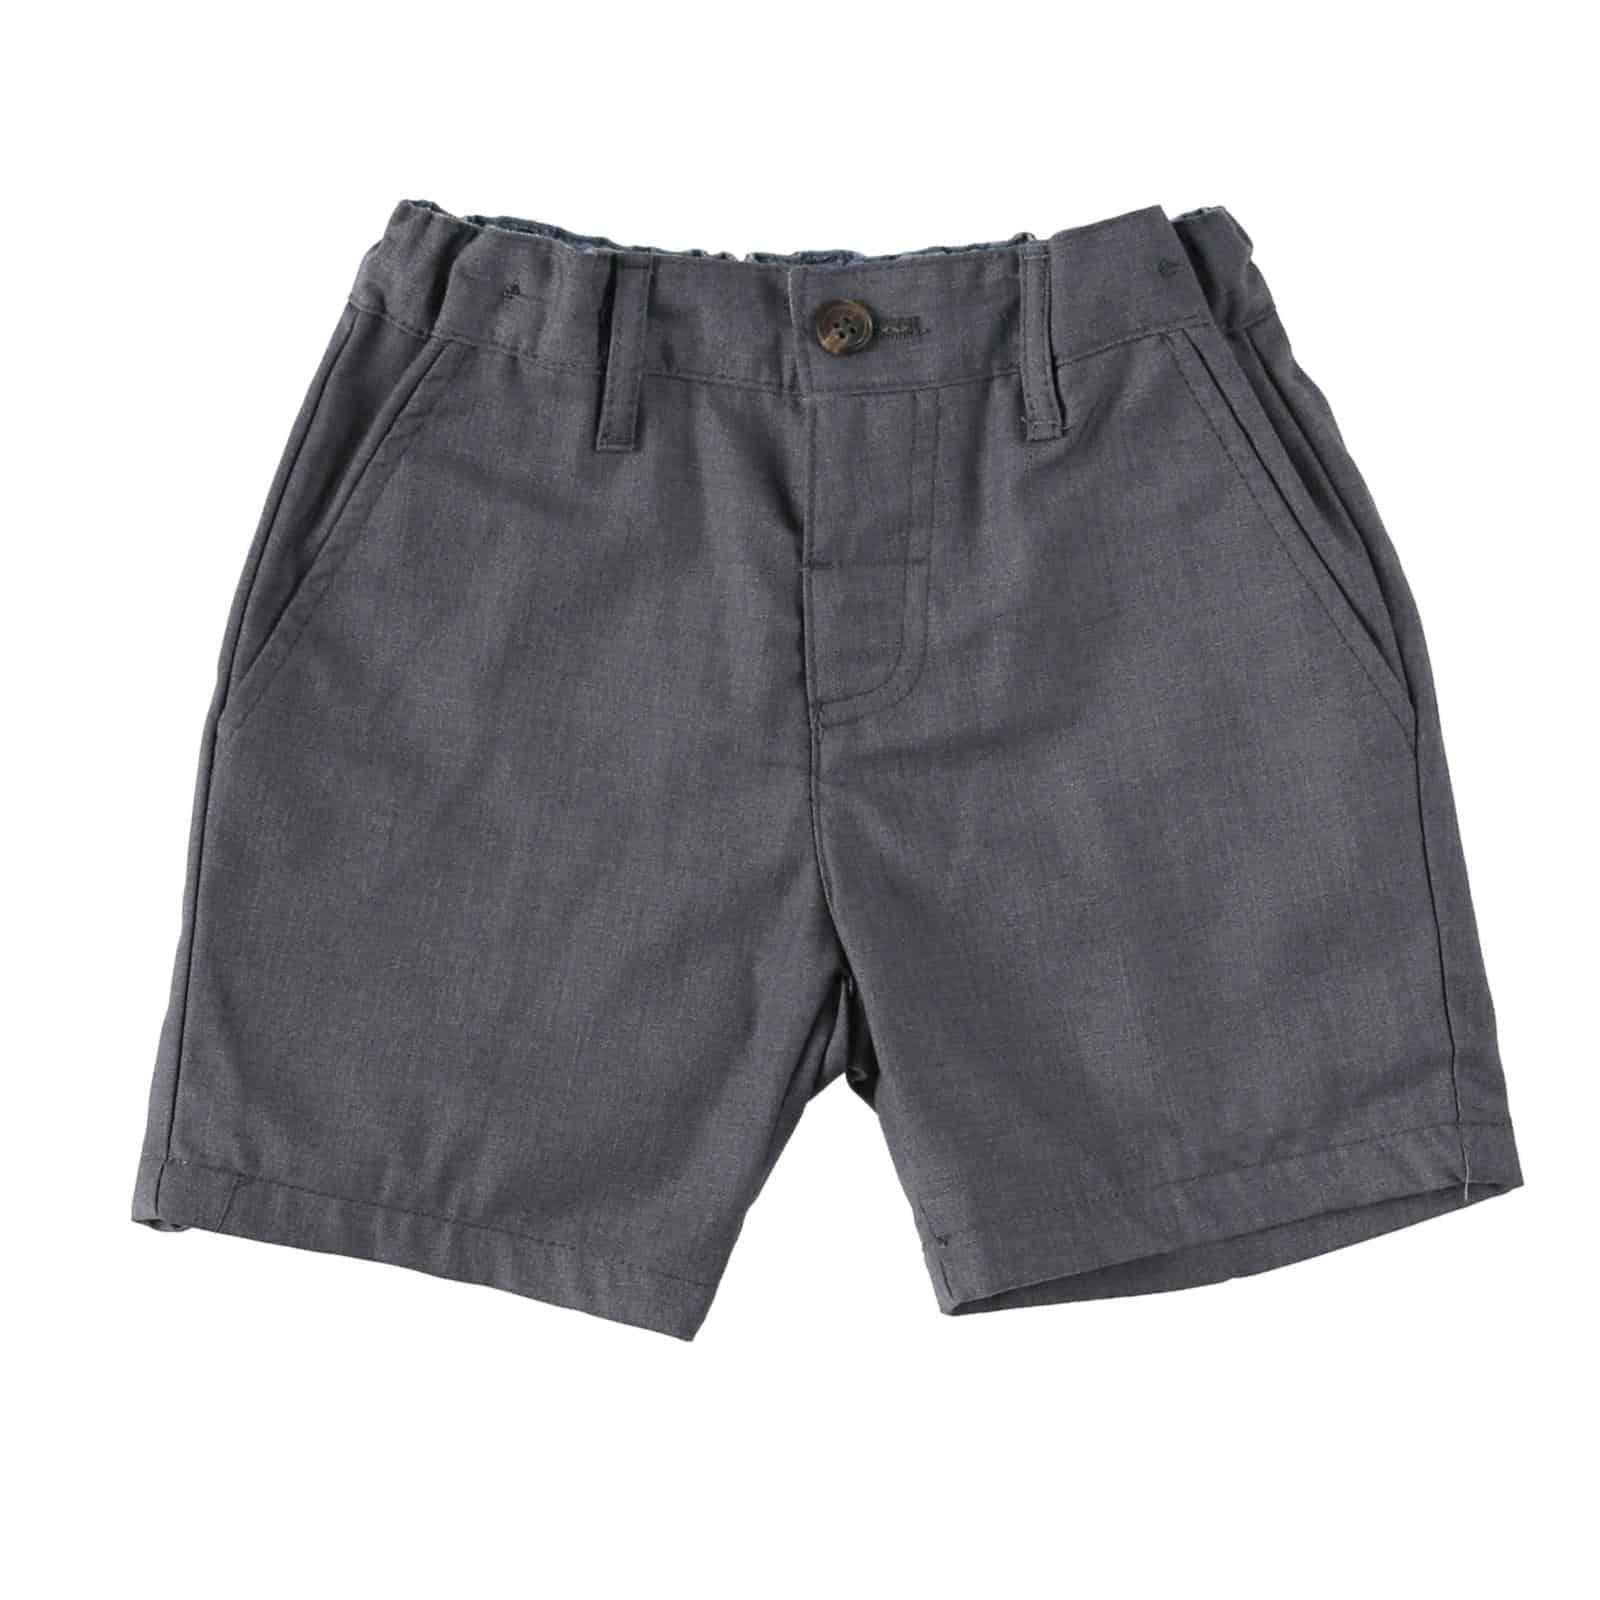 מכנס ג׳רי אפור